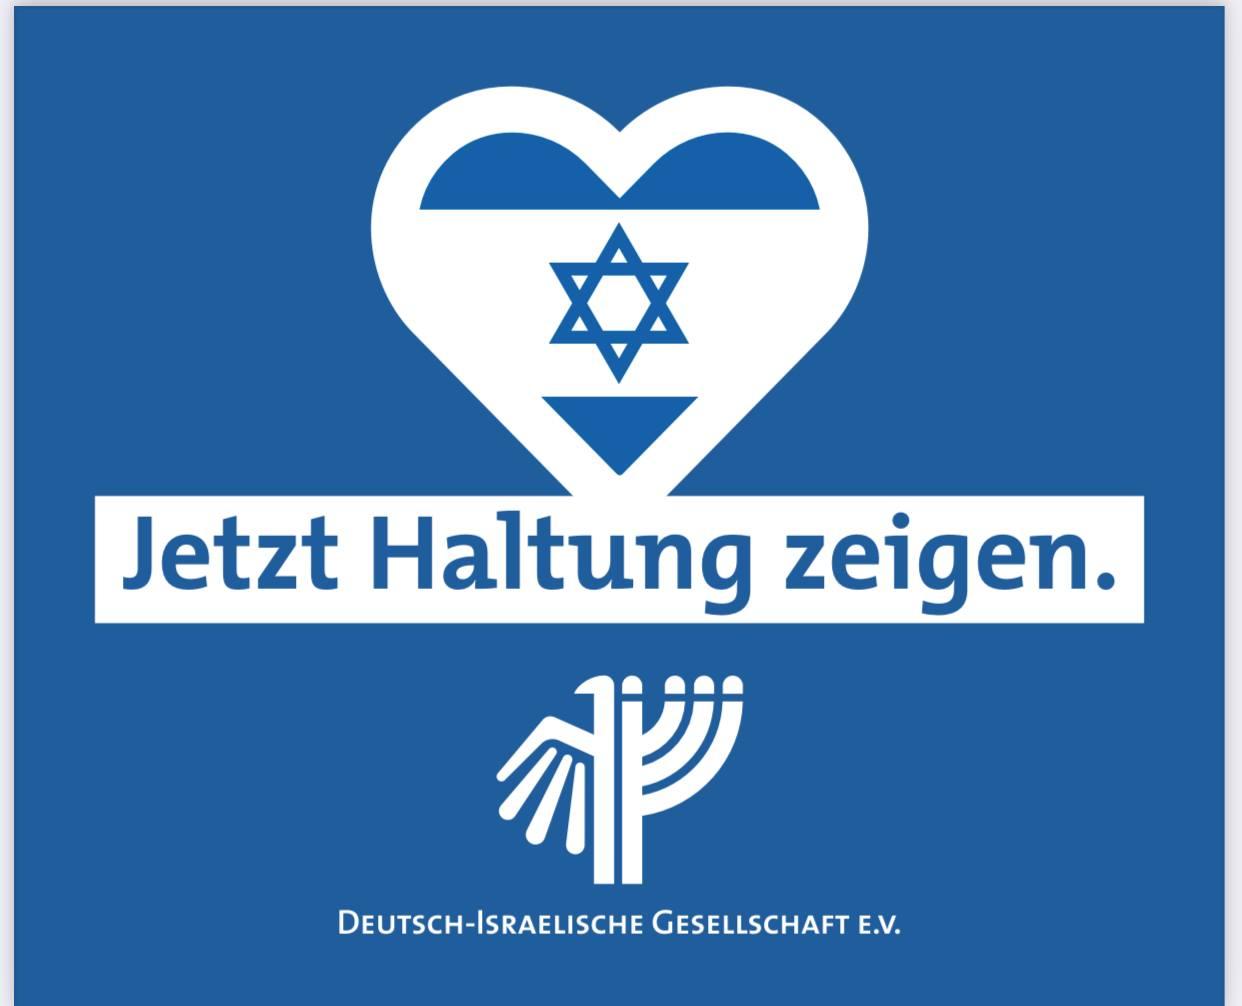 Saarbrücken: Kundgebung gegen antisemitische Hetze und den Terror gegen die Zivilbevölkerung in Israel